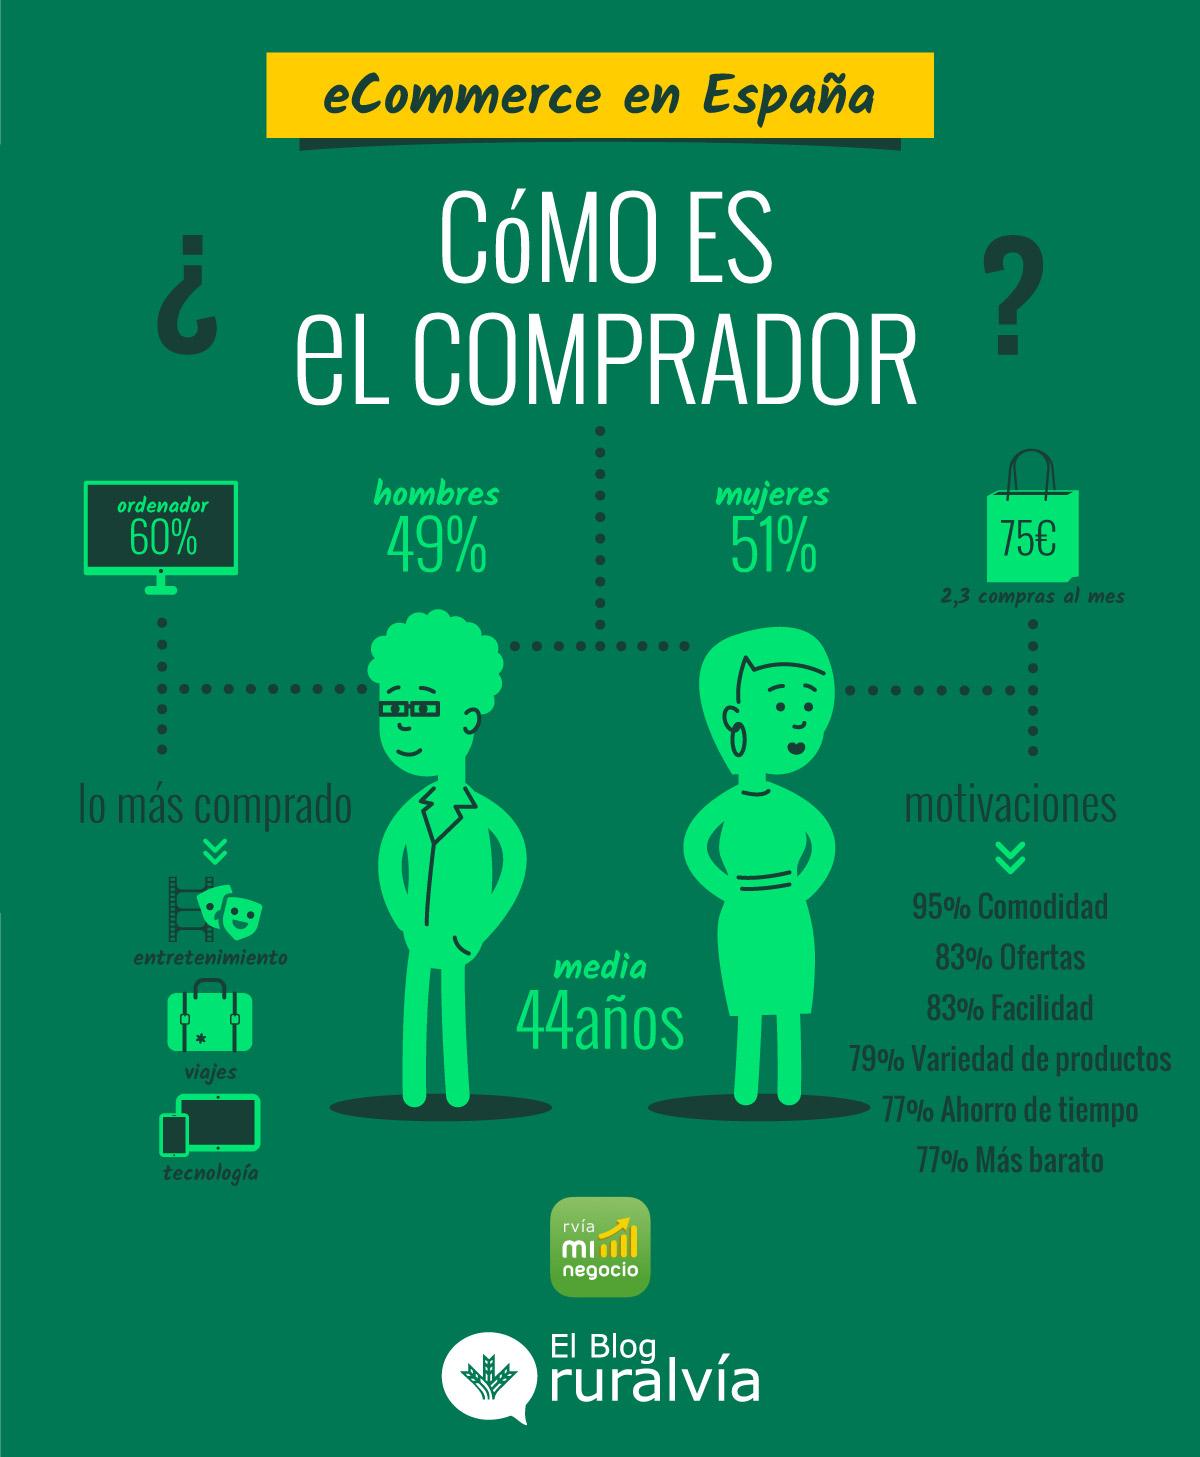 Infografía sobre cómo es el comprador online en España